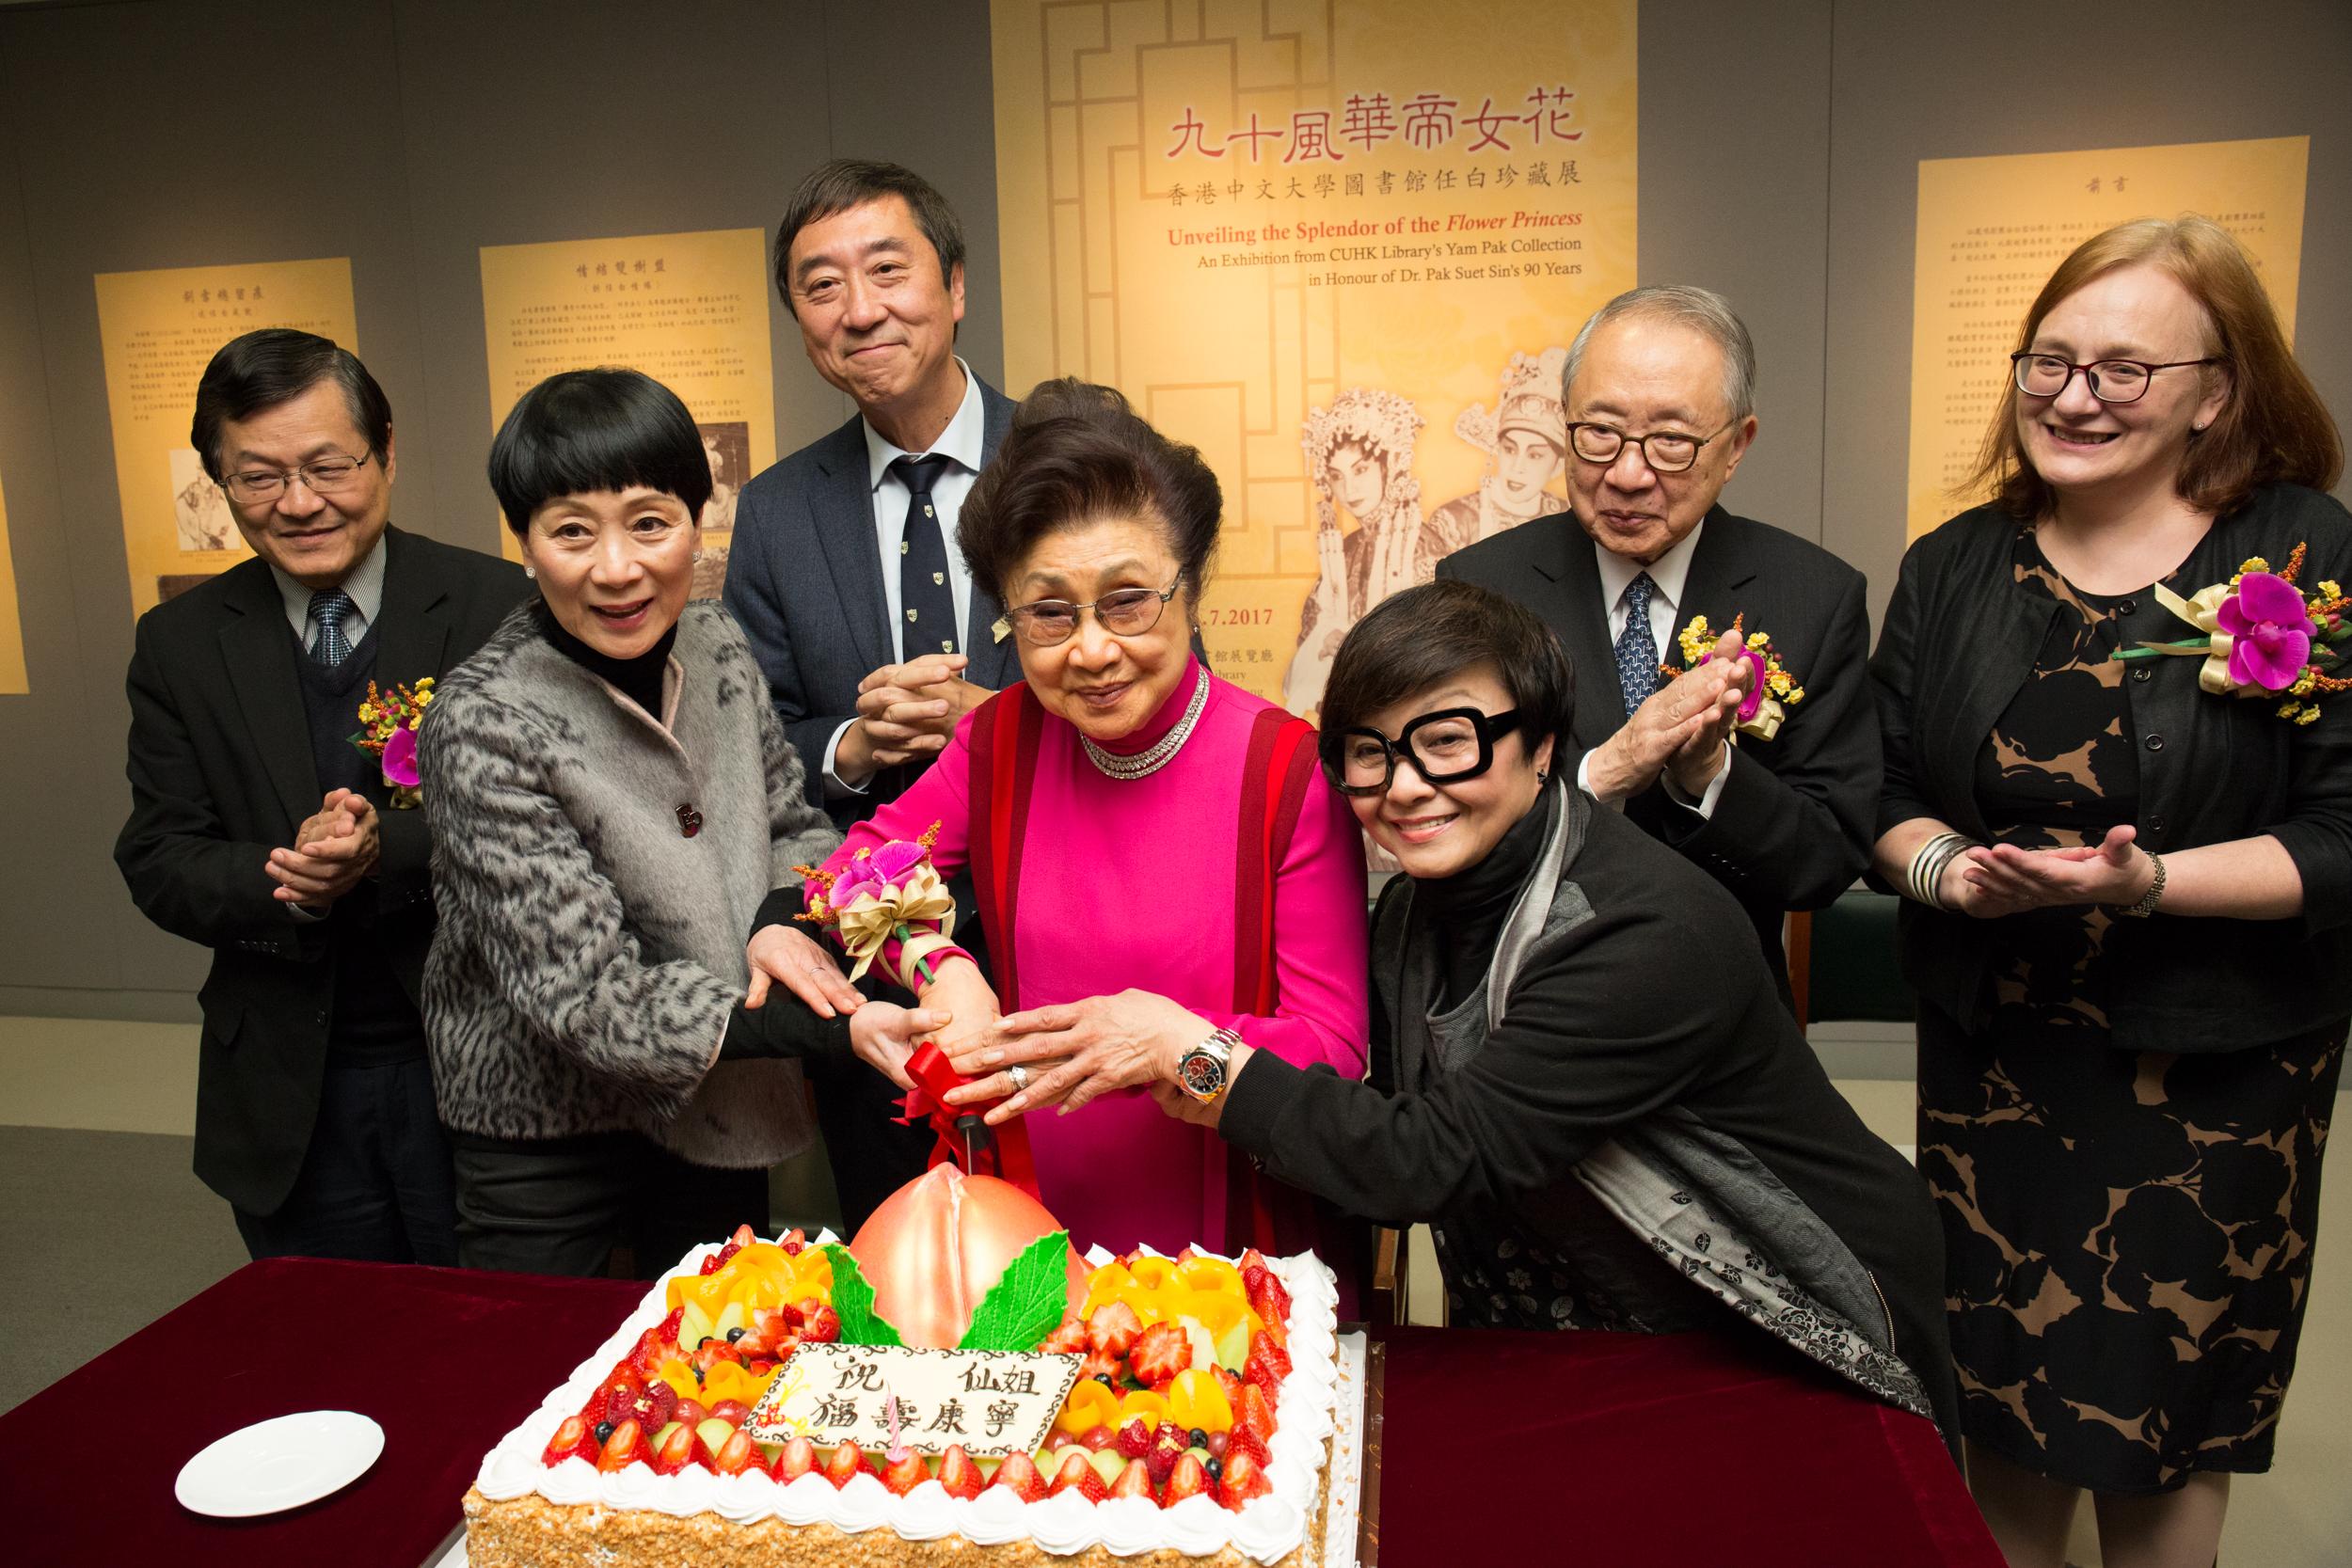 嘉賓為白雪仙博士慶祝生日